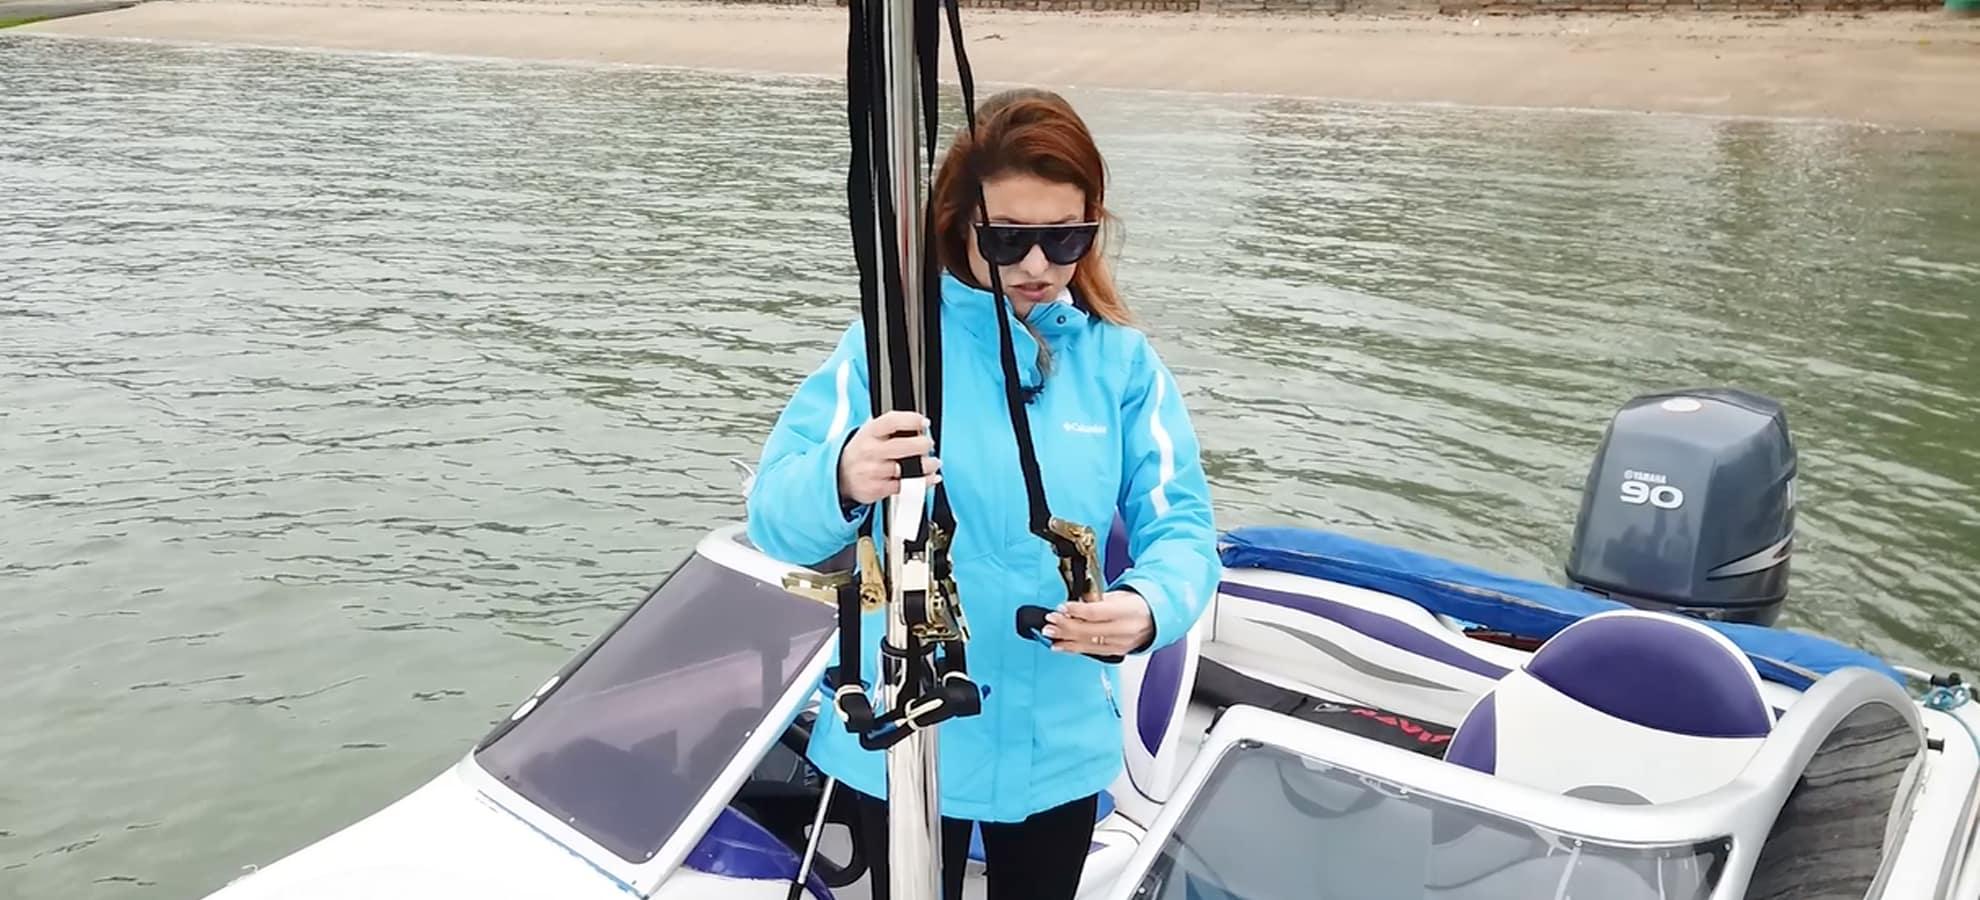 Por que usar o mastro telescópico para wakeboard?